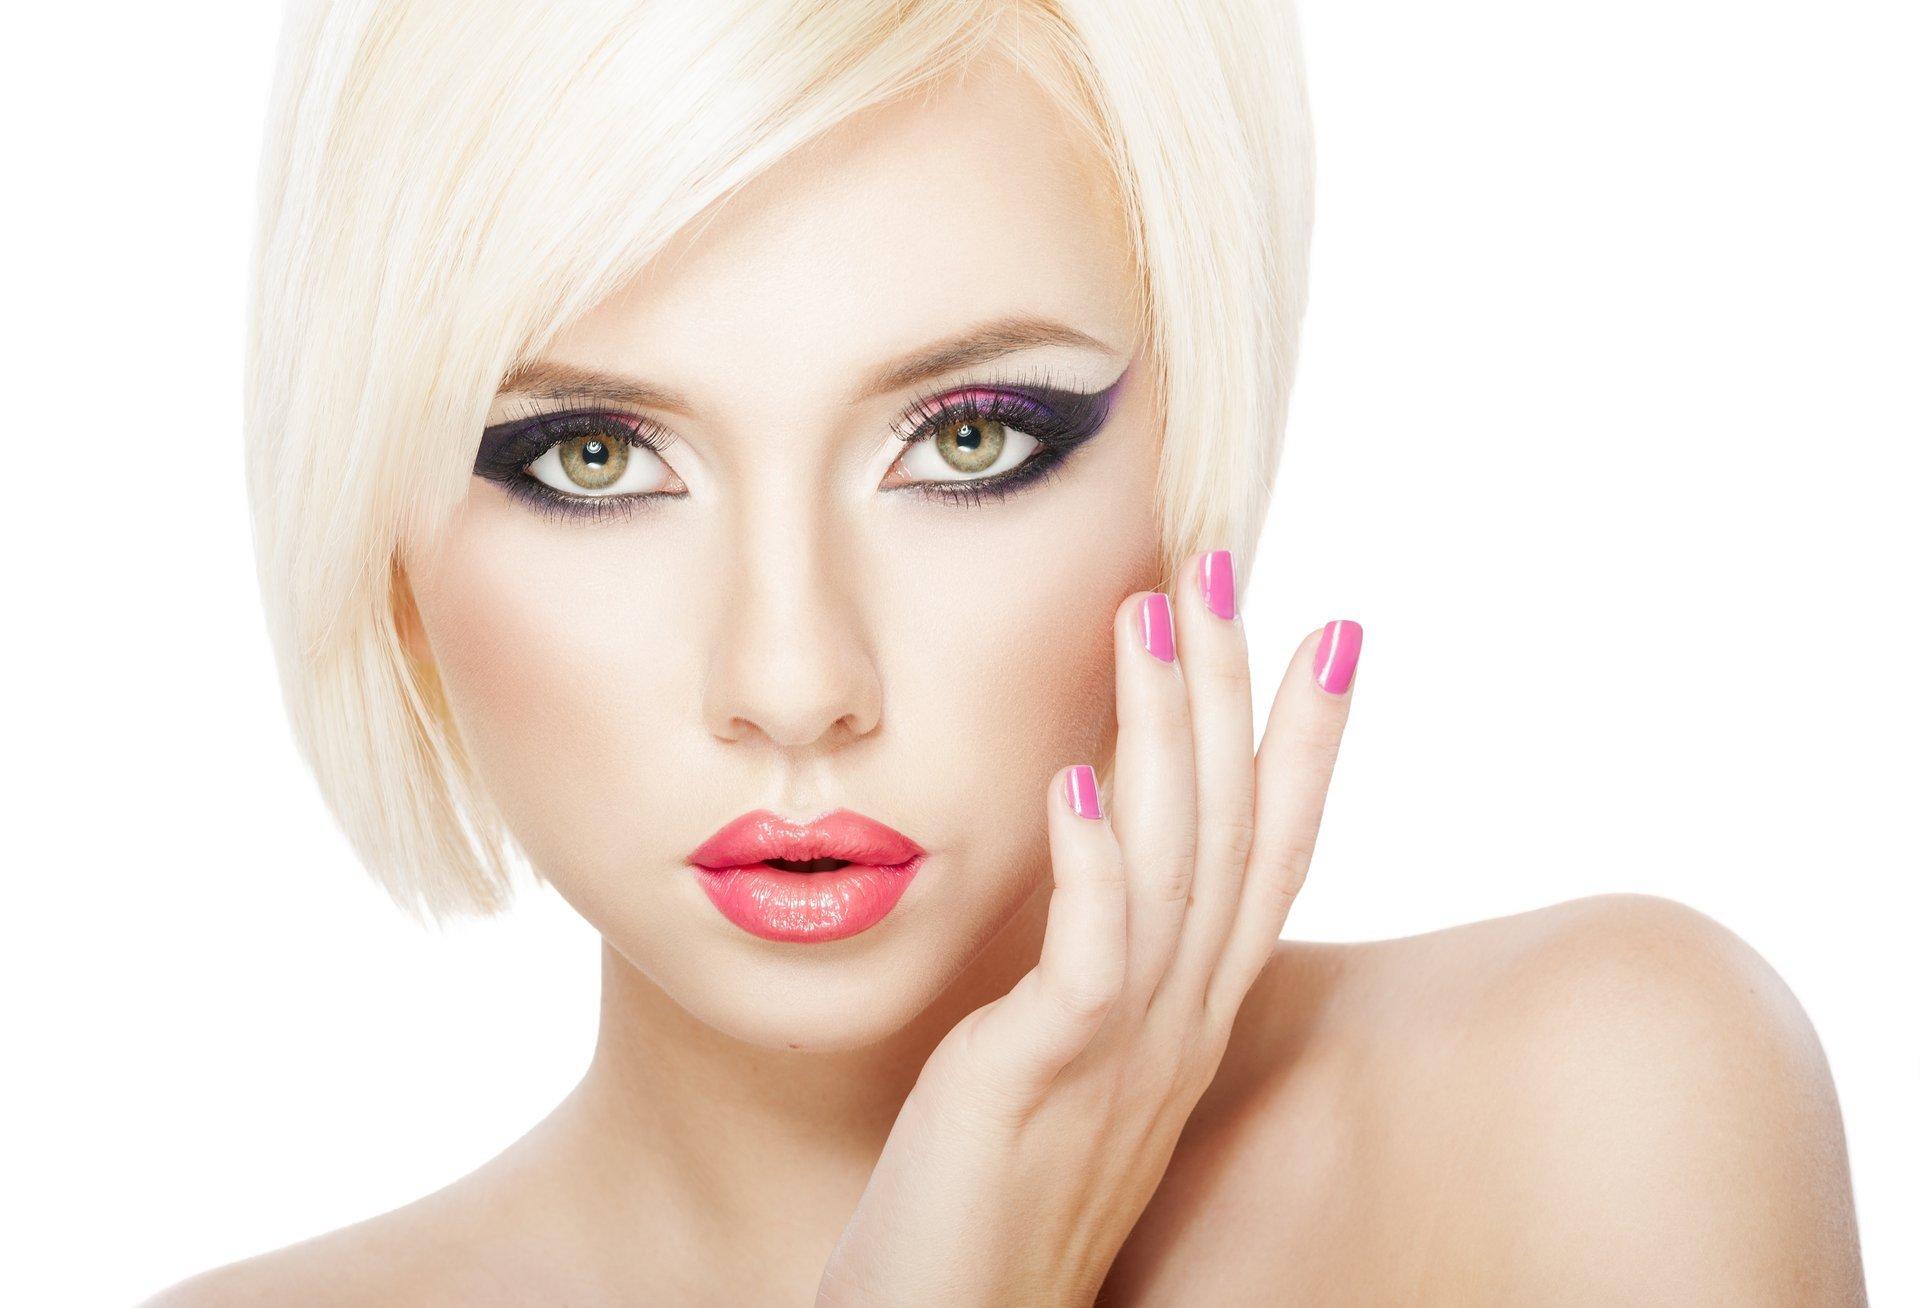 Смотреть видео макияжа для блондинок онлайн 528